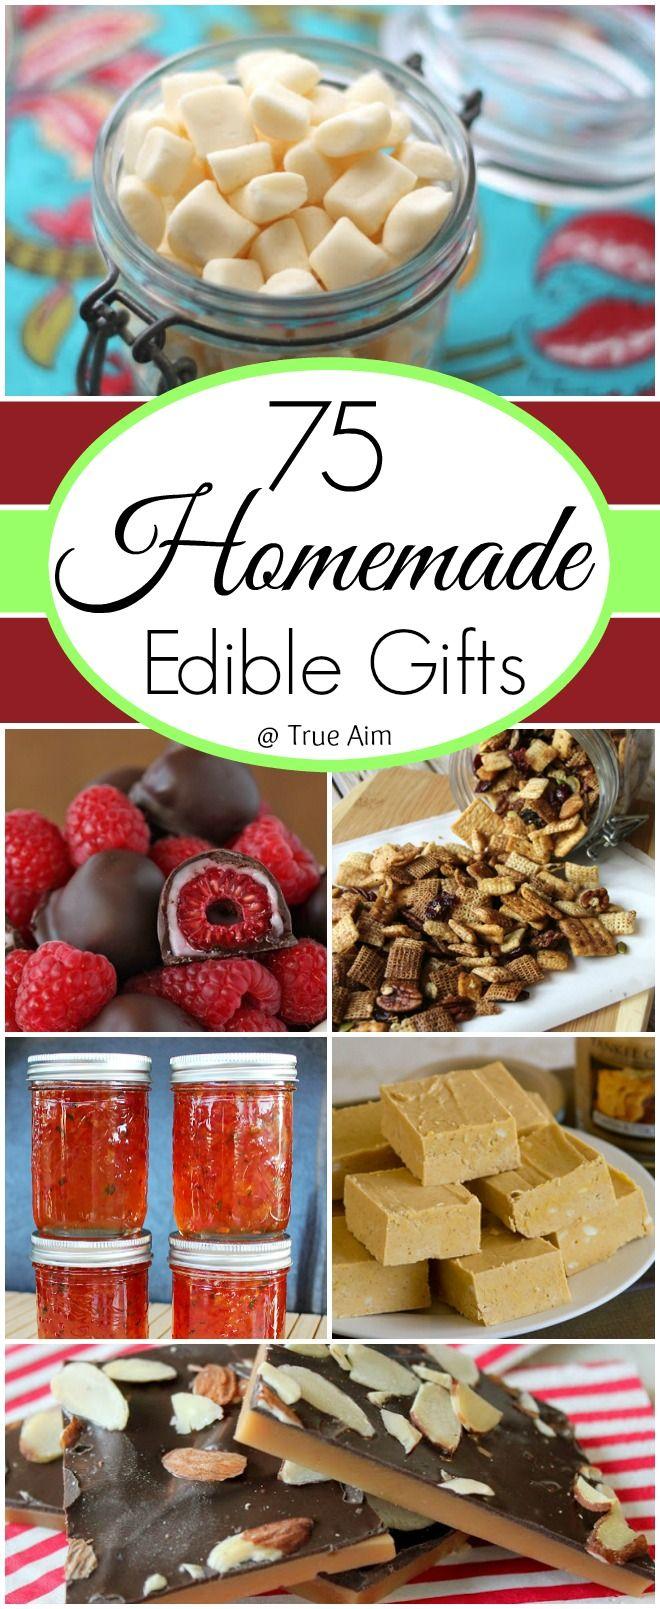 75 Homemade Edible Gift Ideas   Recipes   Pinterest   Edible gifts ...